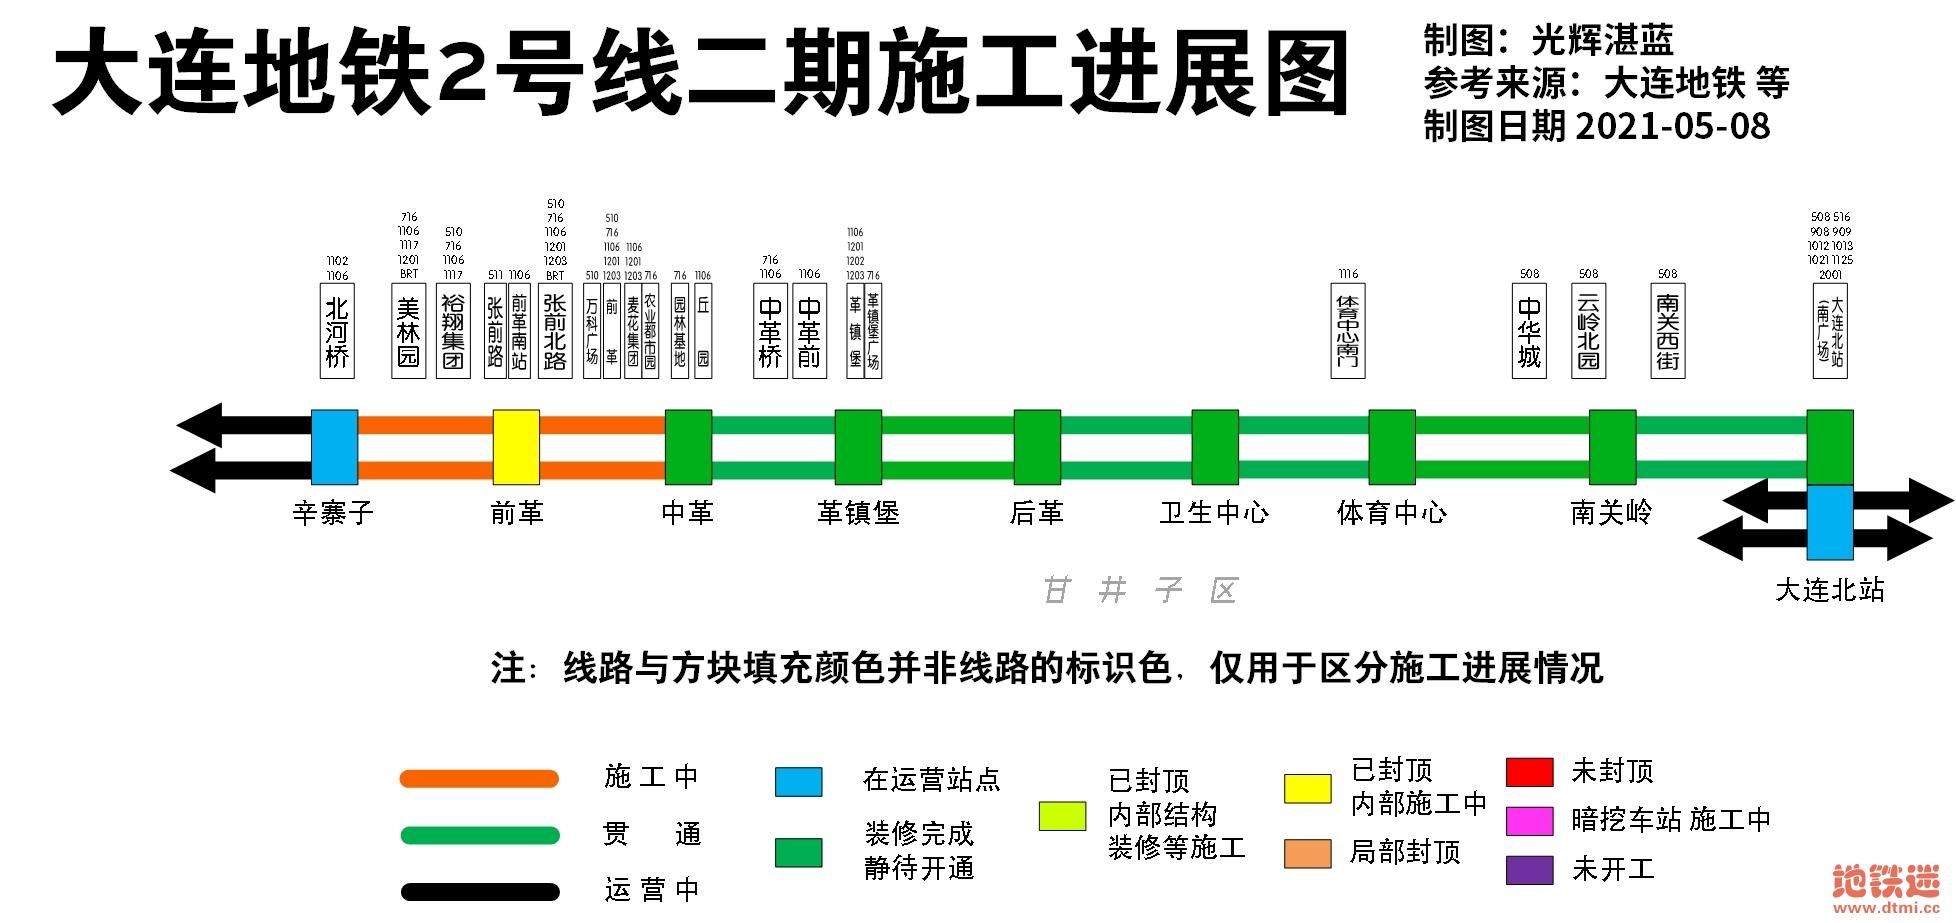 大连地铁2号线二期进展.jpg